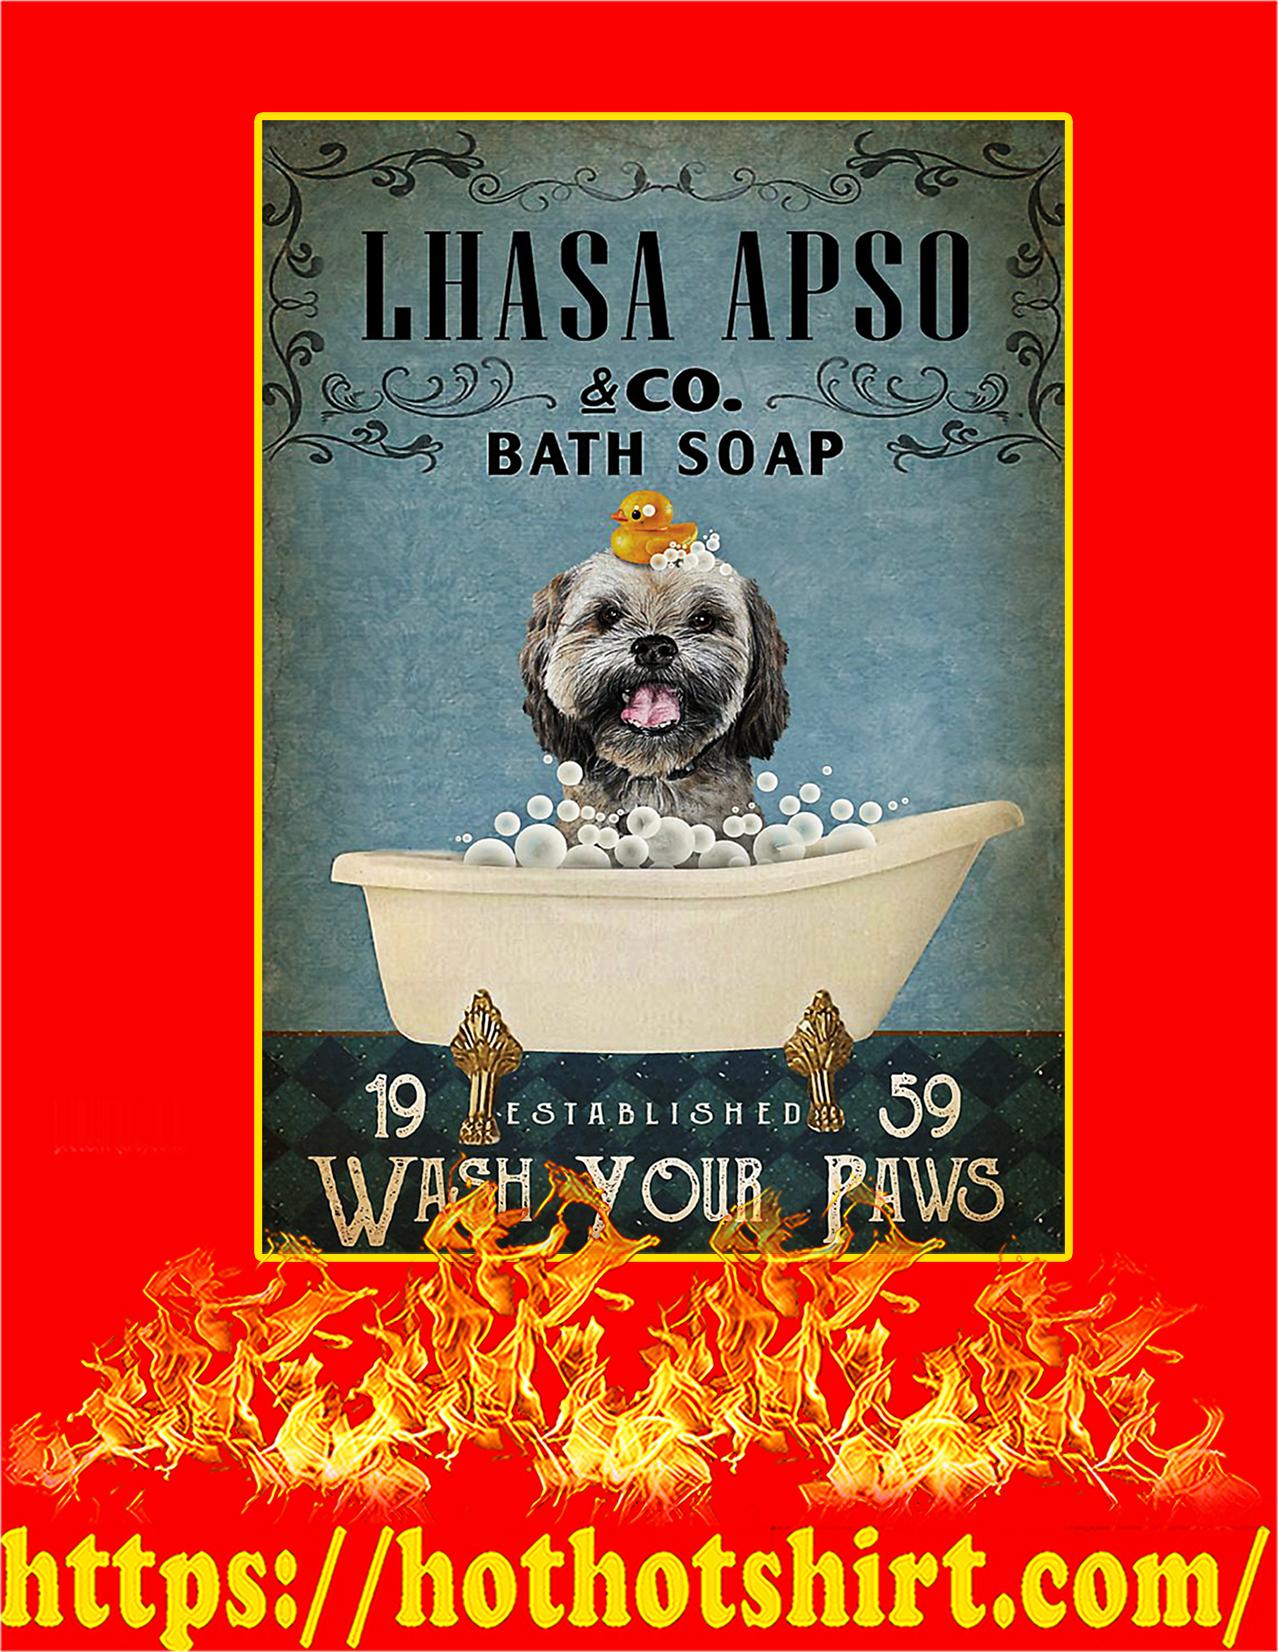 Vintage Bath Soap Lhasa Apso Poster - A3